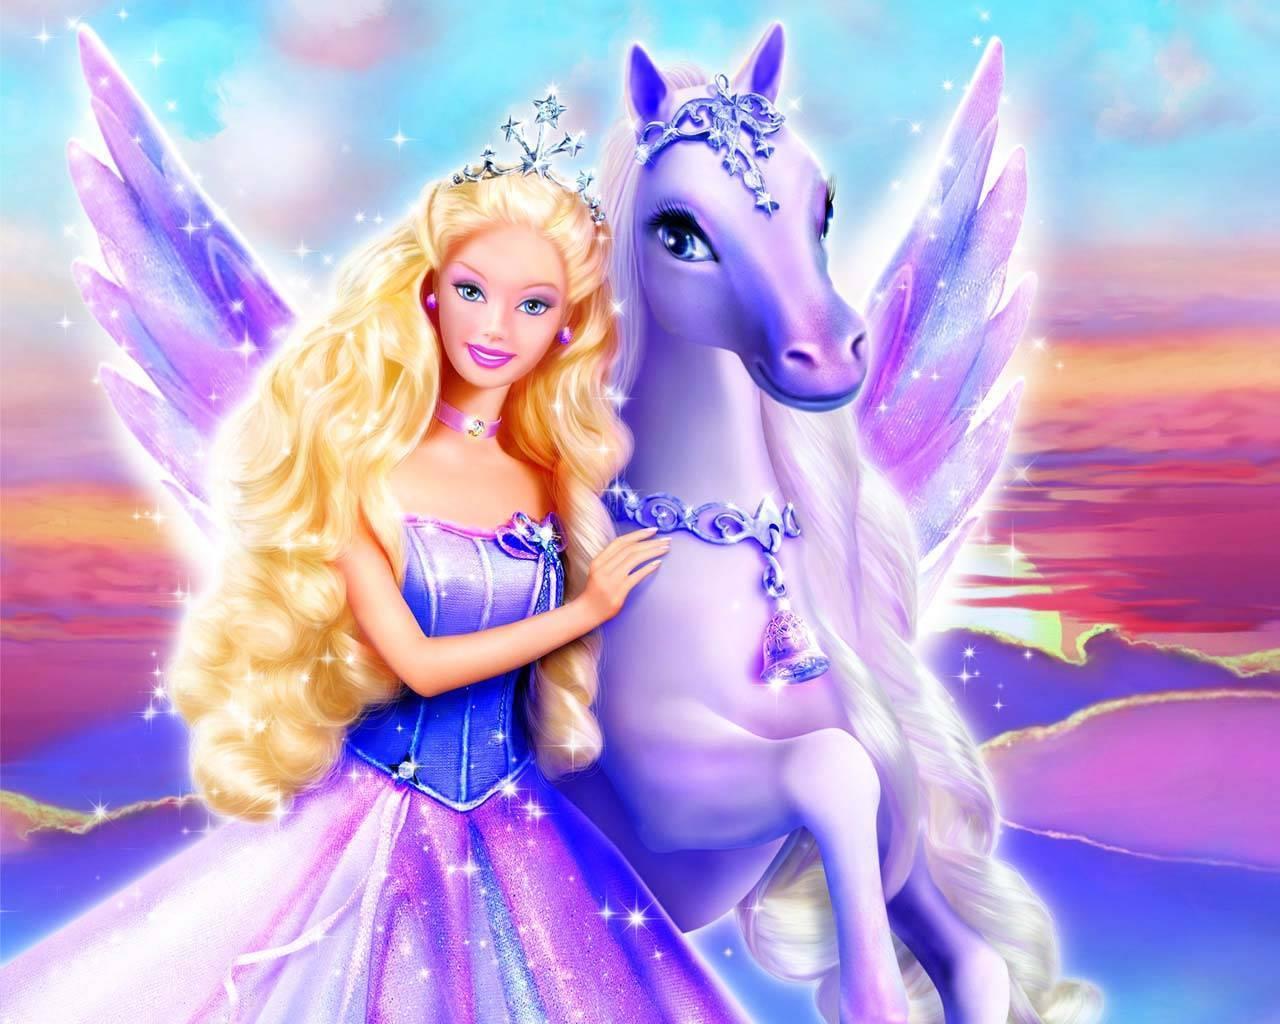 7. Barbie: Mermaidia (2006)